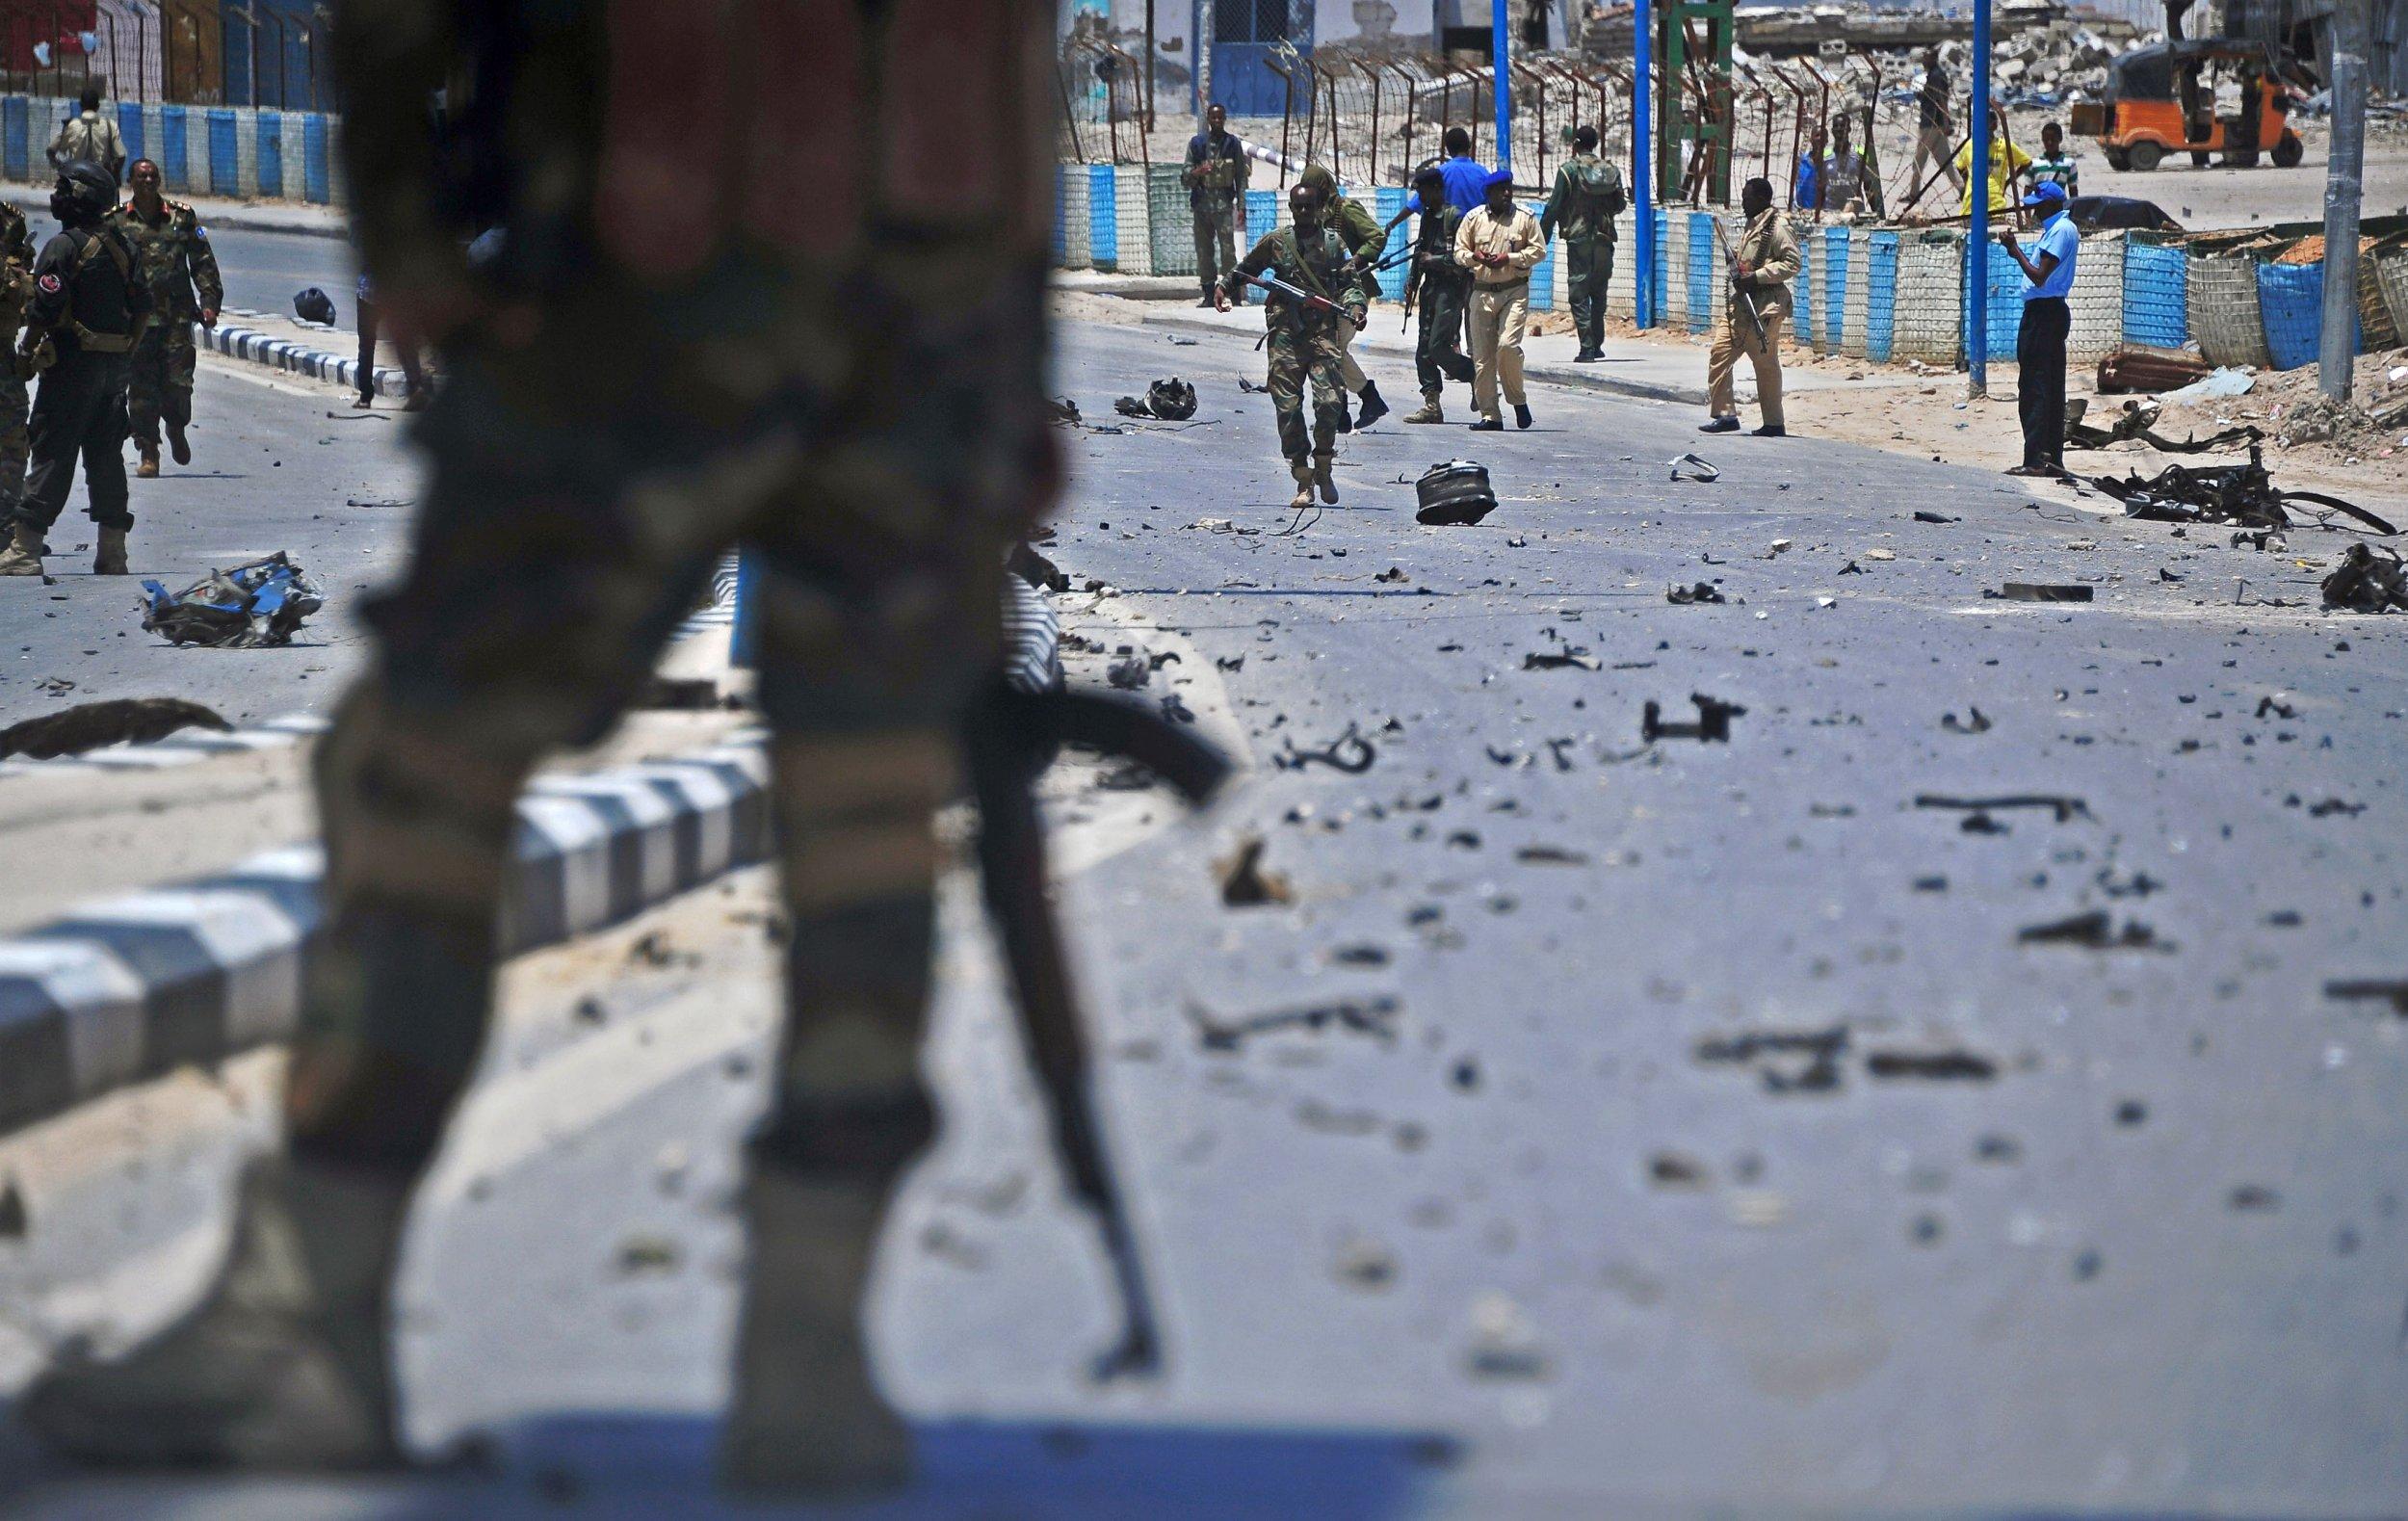 Al-Shabab attack aftermath